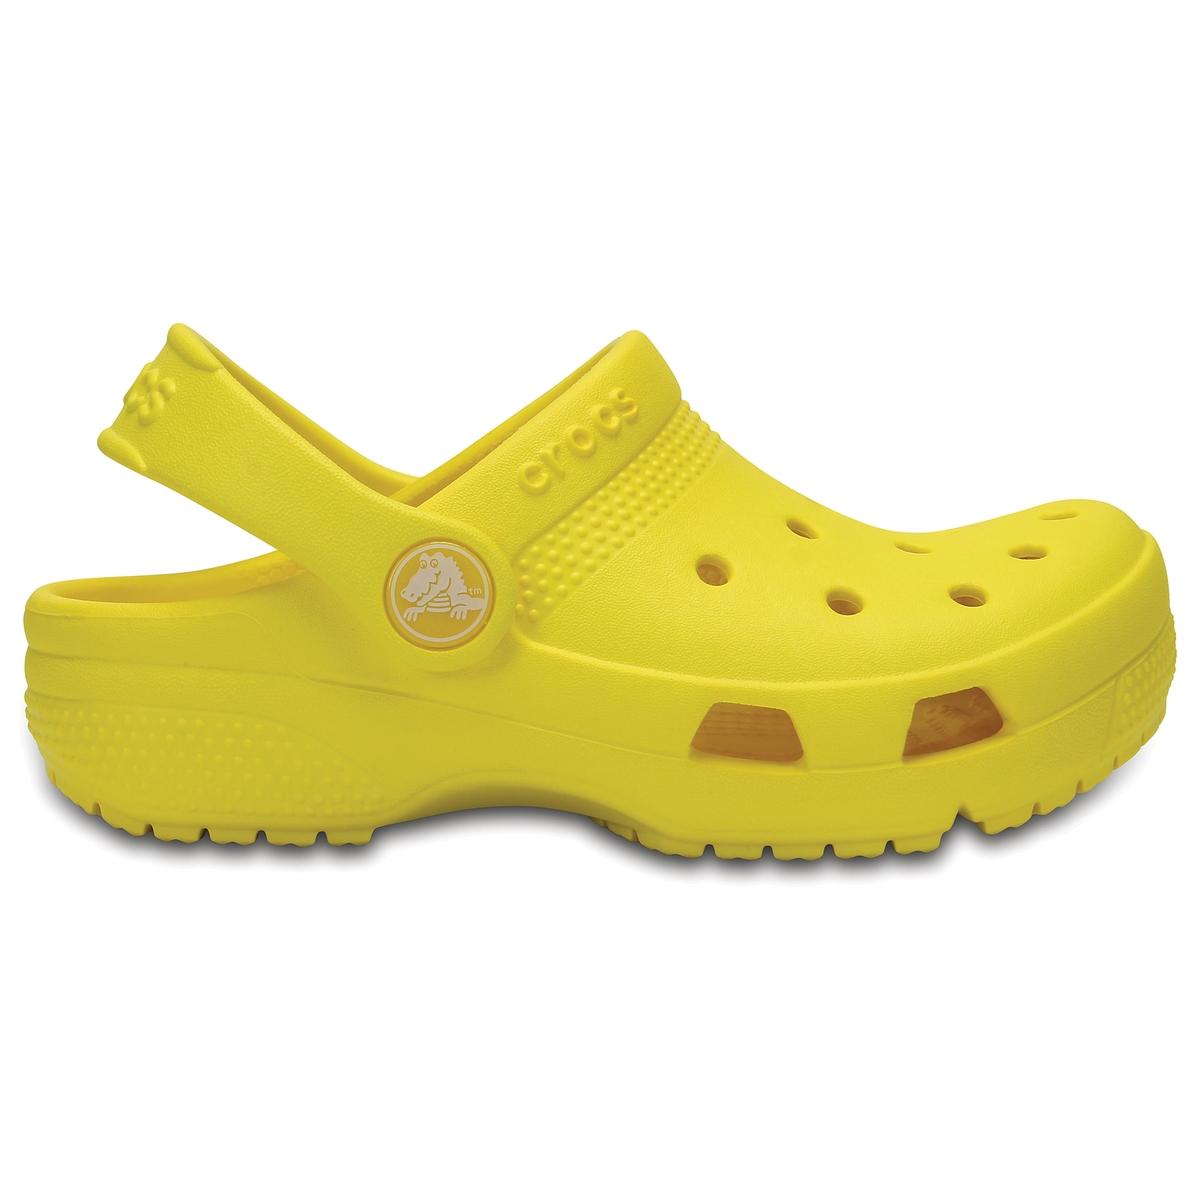 Сабо Kids Crocs Coast ClogОписание:Детали •  Плоский каблук •  Застежка : ремешок/пряжка •  Круглый мысок •  Гладкая отделкаСостав и уход •  Верх 100% ПВХ (поливинилхлорид) •  Стелька 100% ПВХ •  Подошва 100% ПВХ<br><br>Цвет: желтый